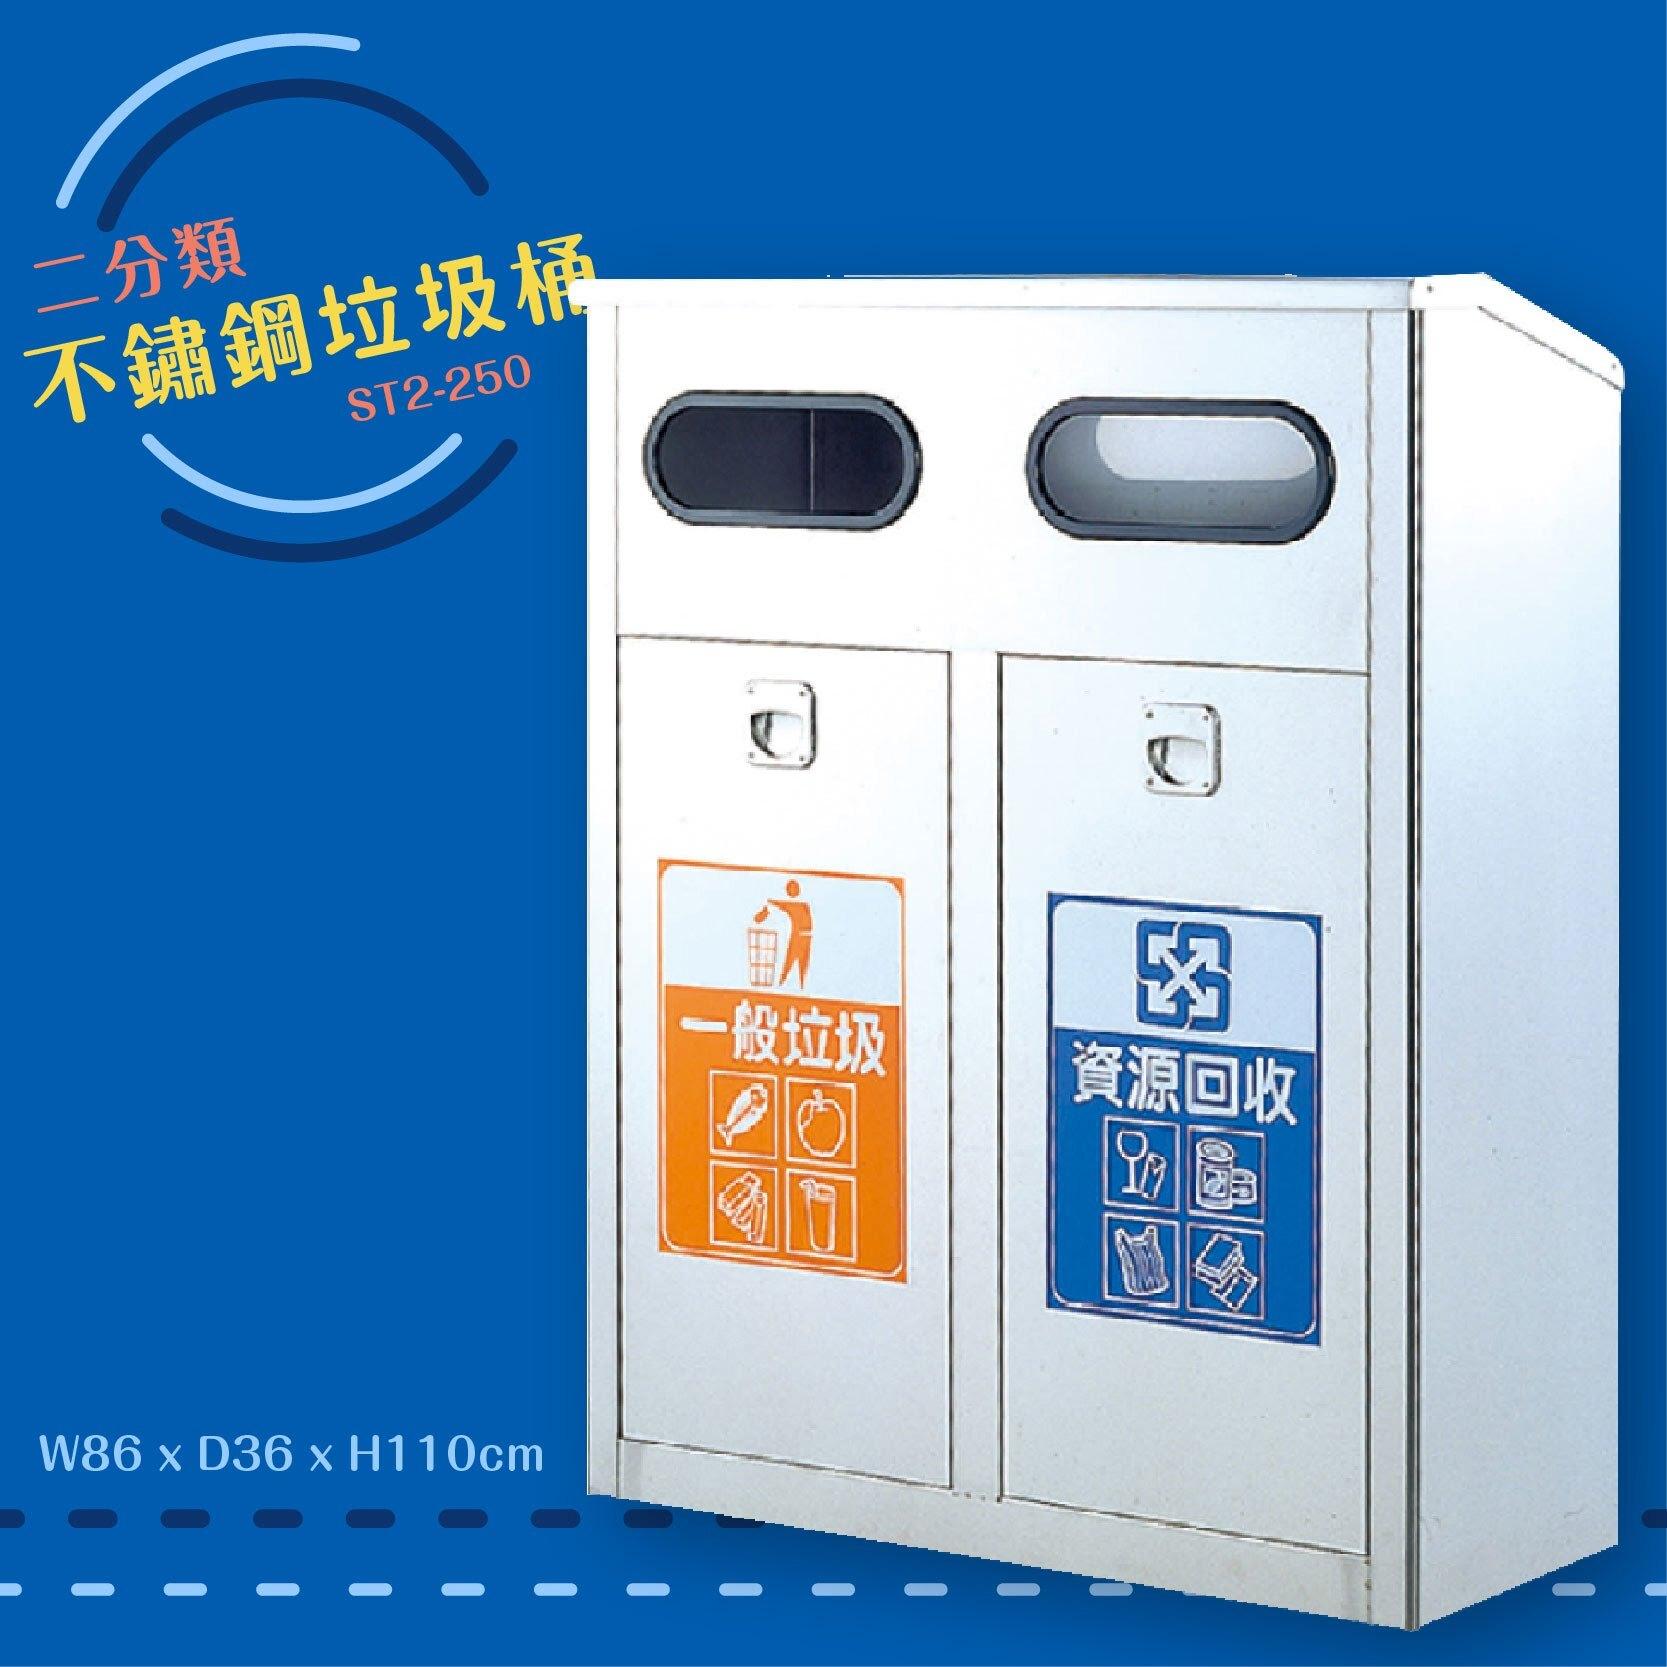 公共清潔➤ST2-250 不鏽鋼二分類桶 垃圾桶 垃圾筒 分類桶 回收箱 資源回收桶 百貨社區飯店